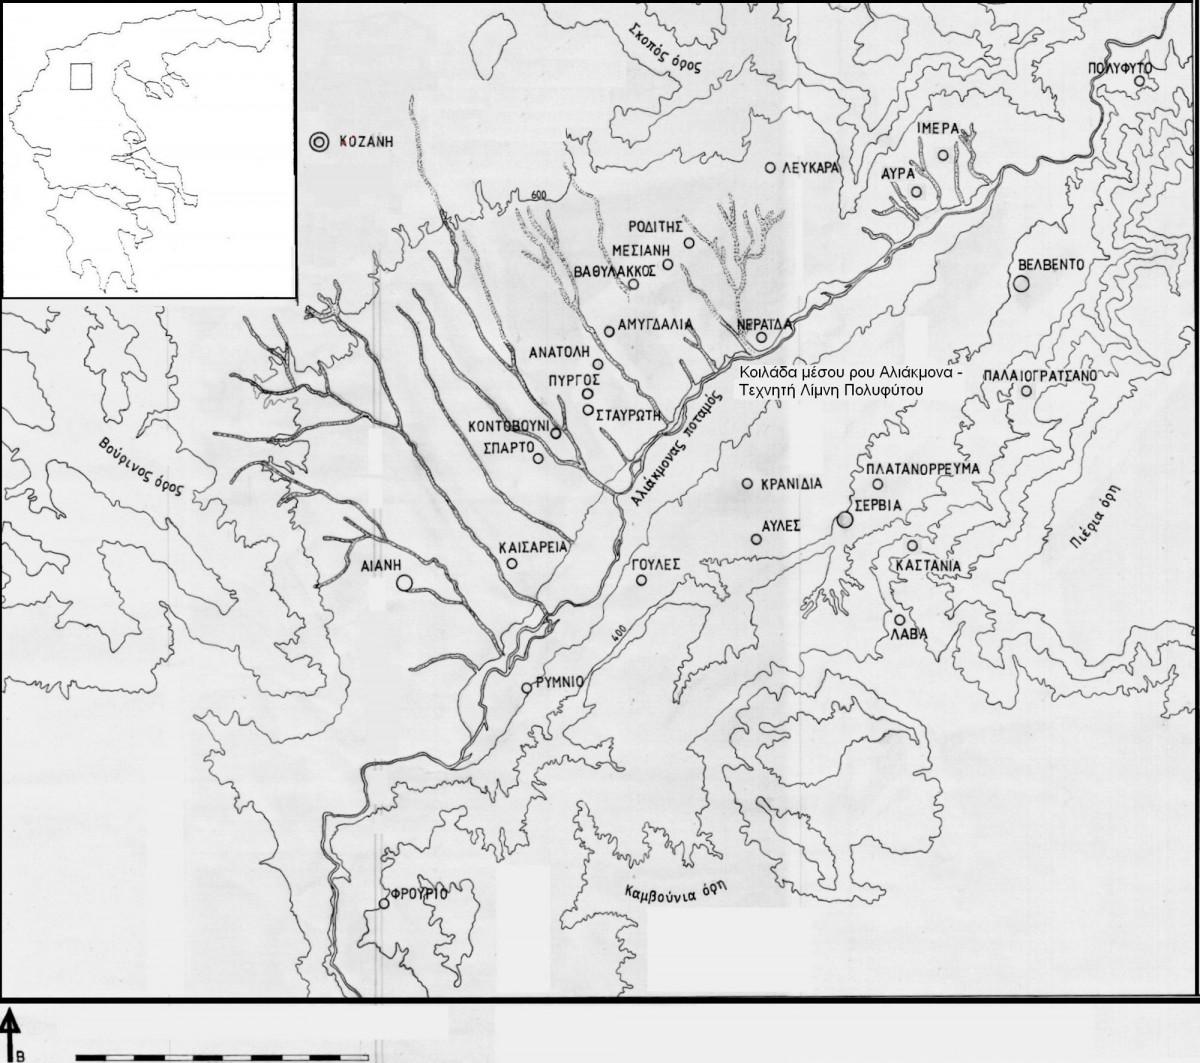 Εικ. 3. Χάρτης της περιοχής. Αντίγραφο από τους αντίστοιχους Χάρτες της ΓΥΣ, Έκδοση 1970.